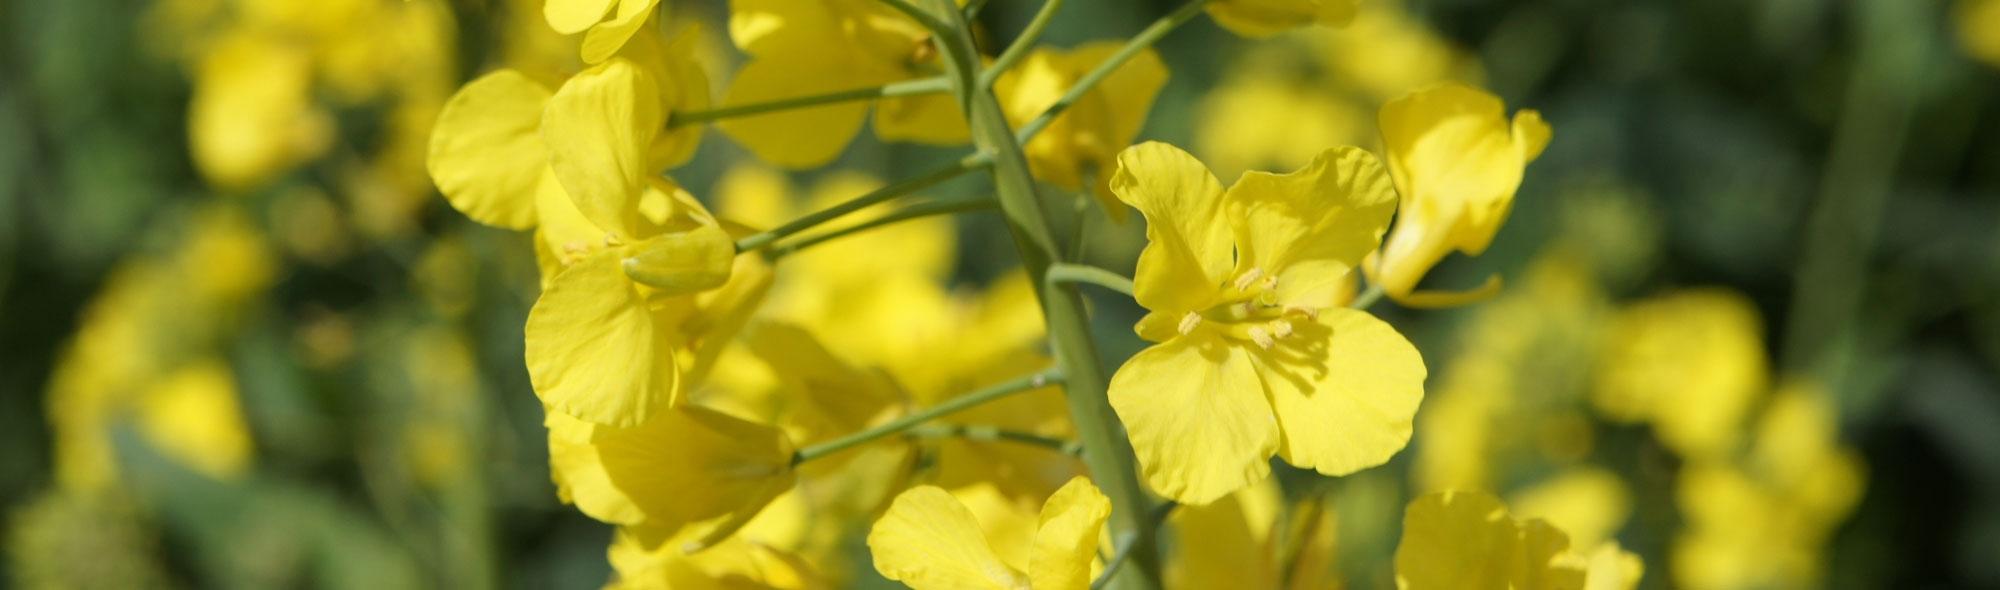 yellow-94447.jpg